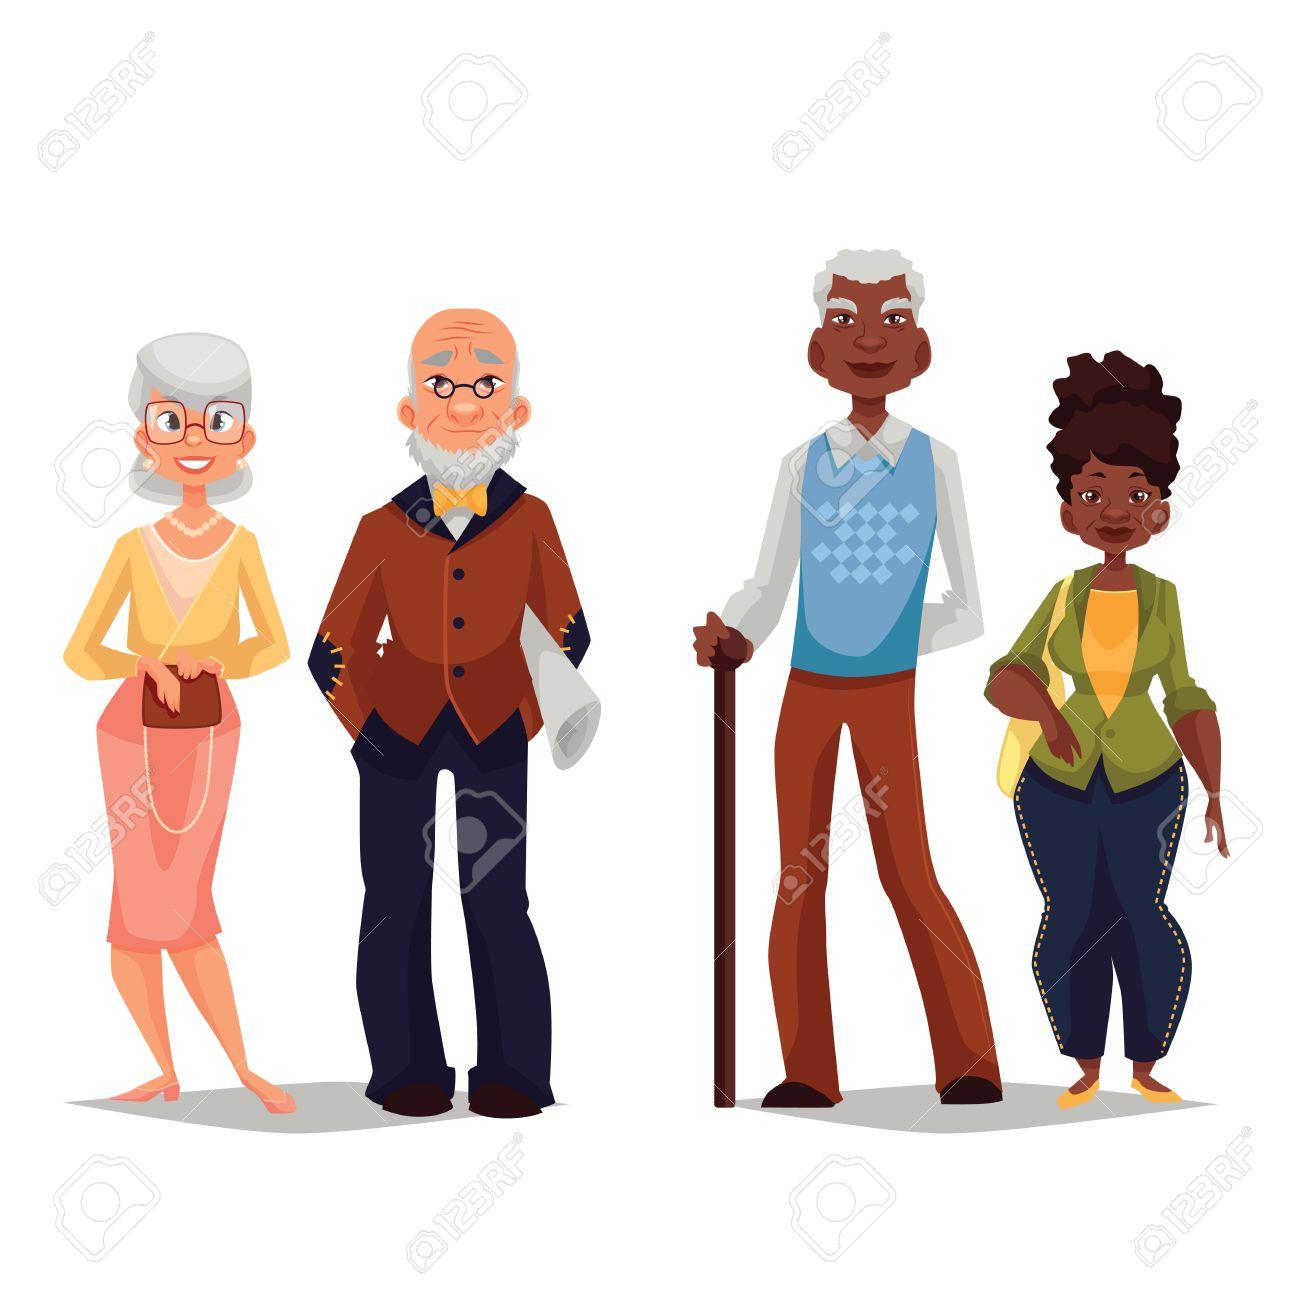 Ältere weiße Frauen, die schwarze Männer suchen